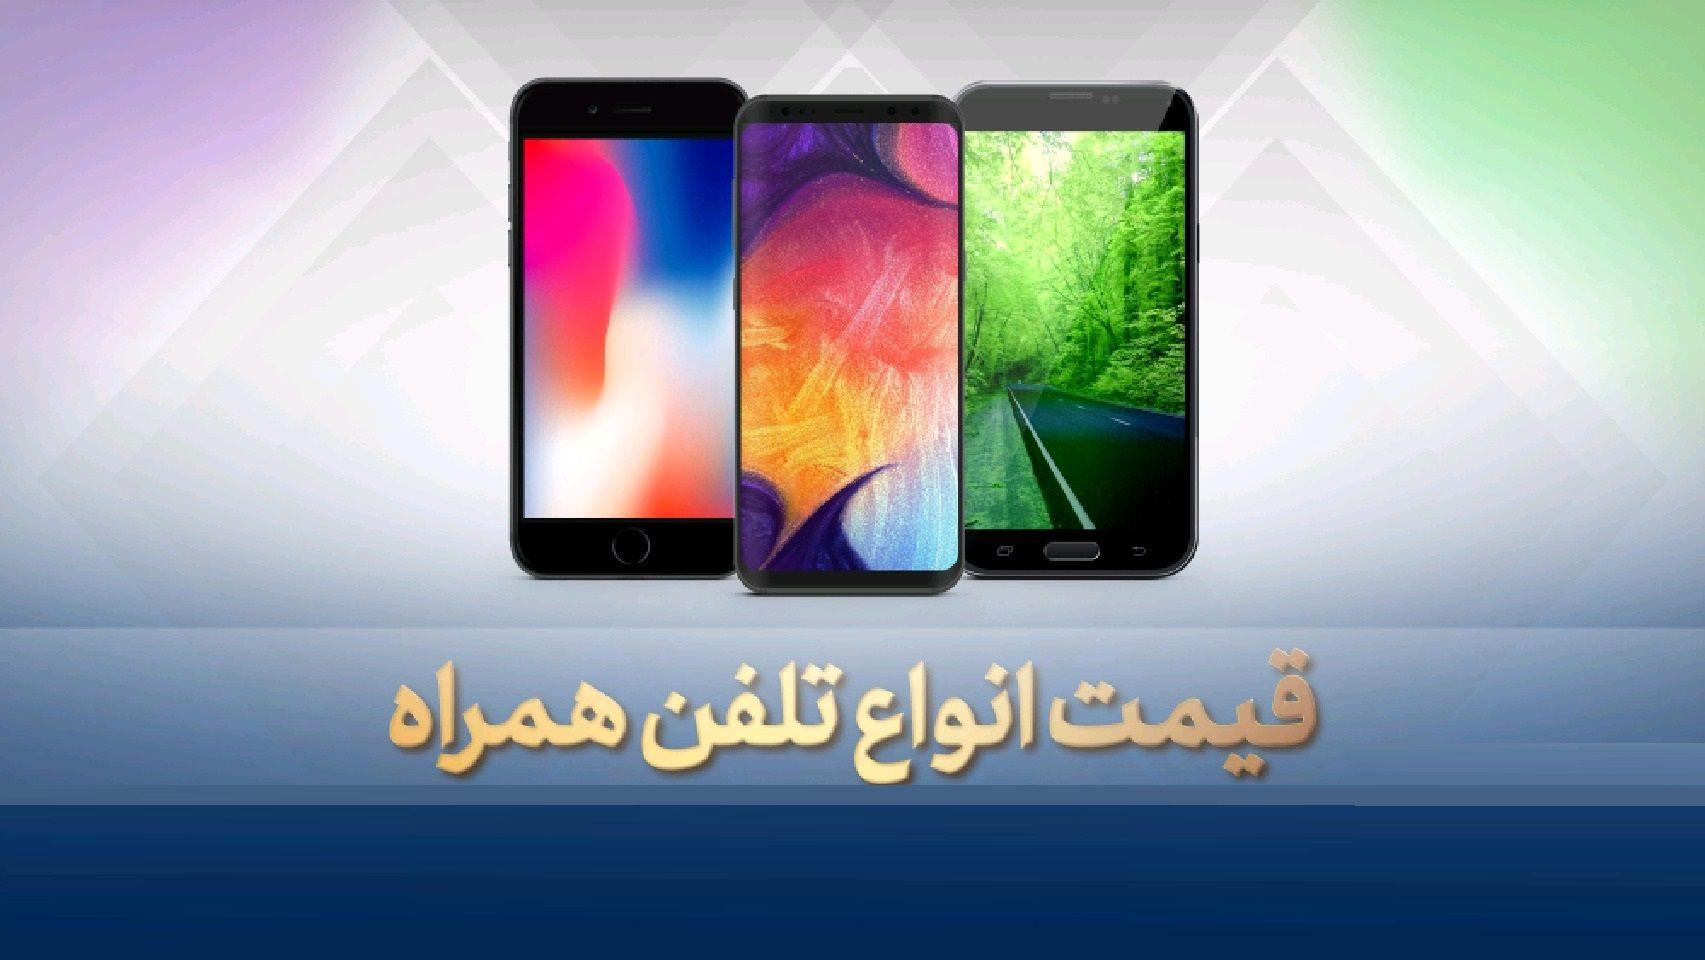 آخرین قیمت گوشی موبایل یکشنبه ۱۸ خرداد